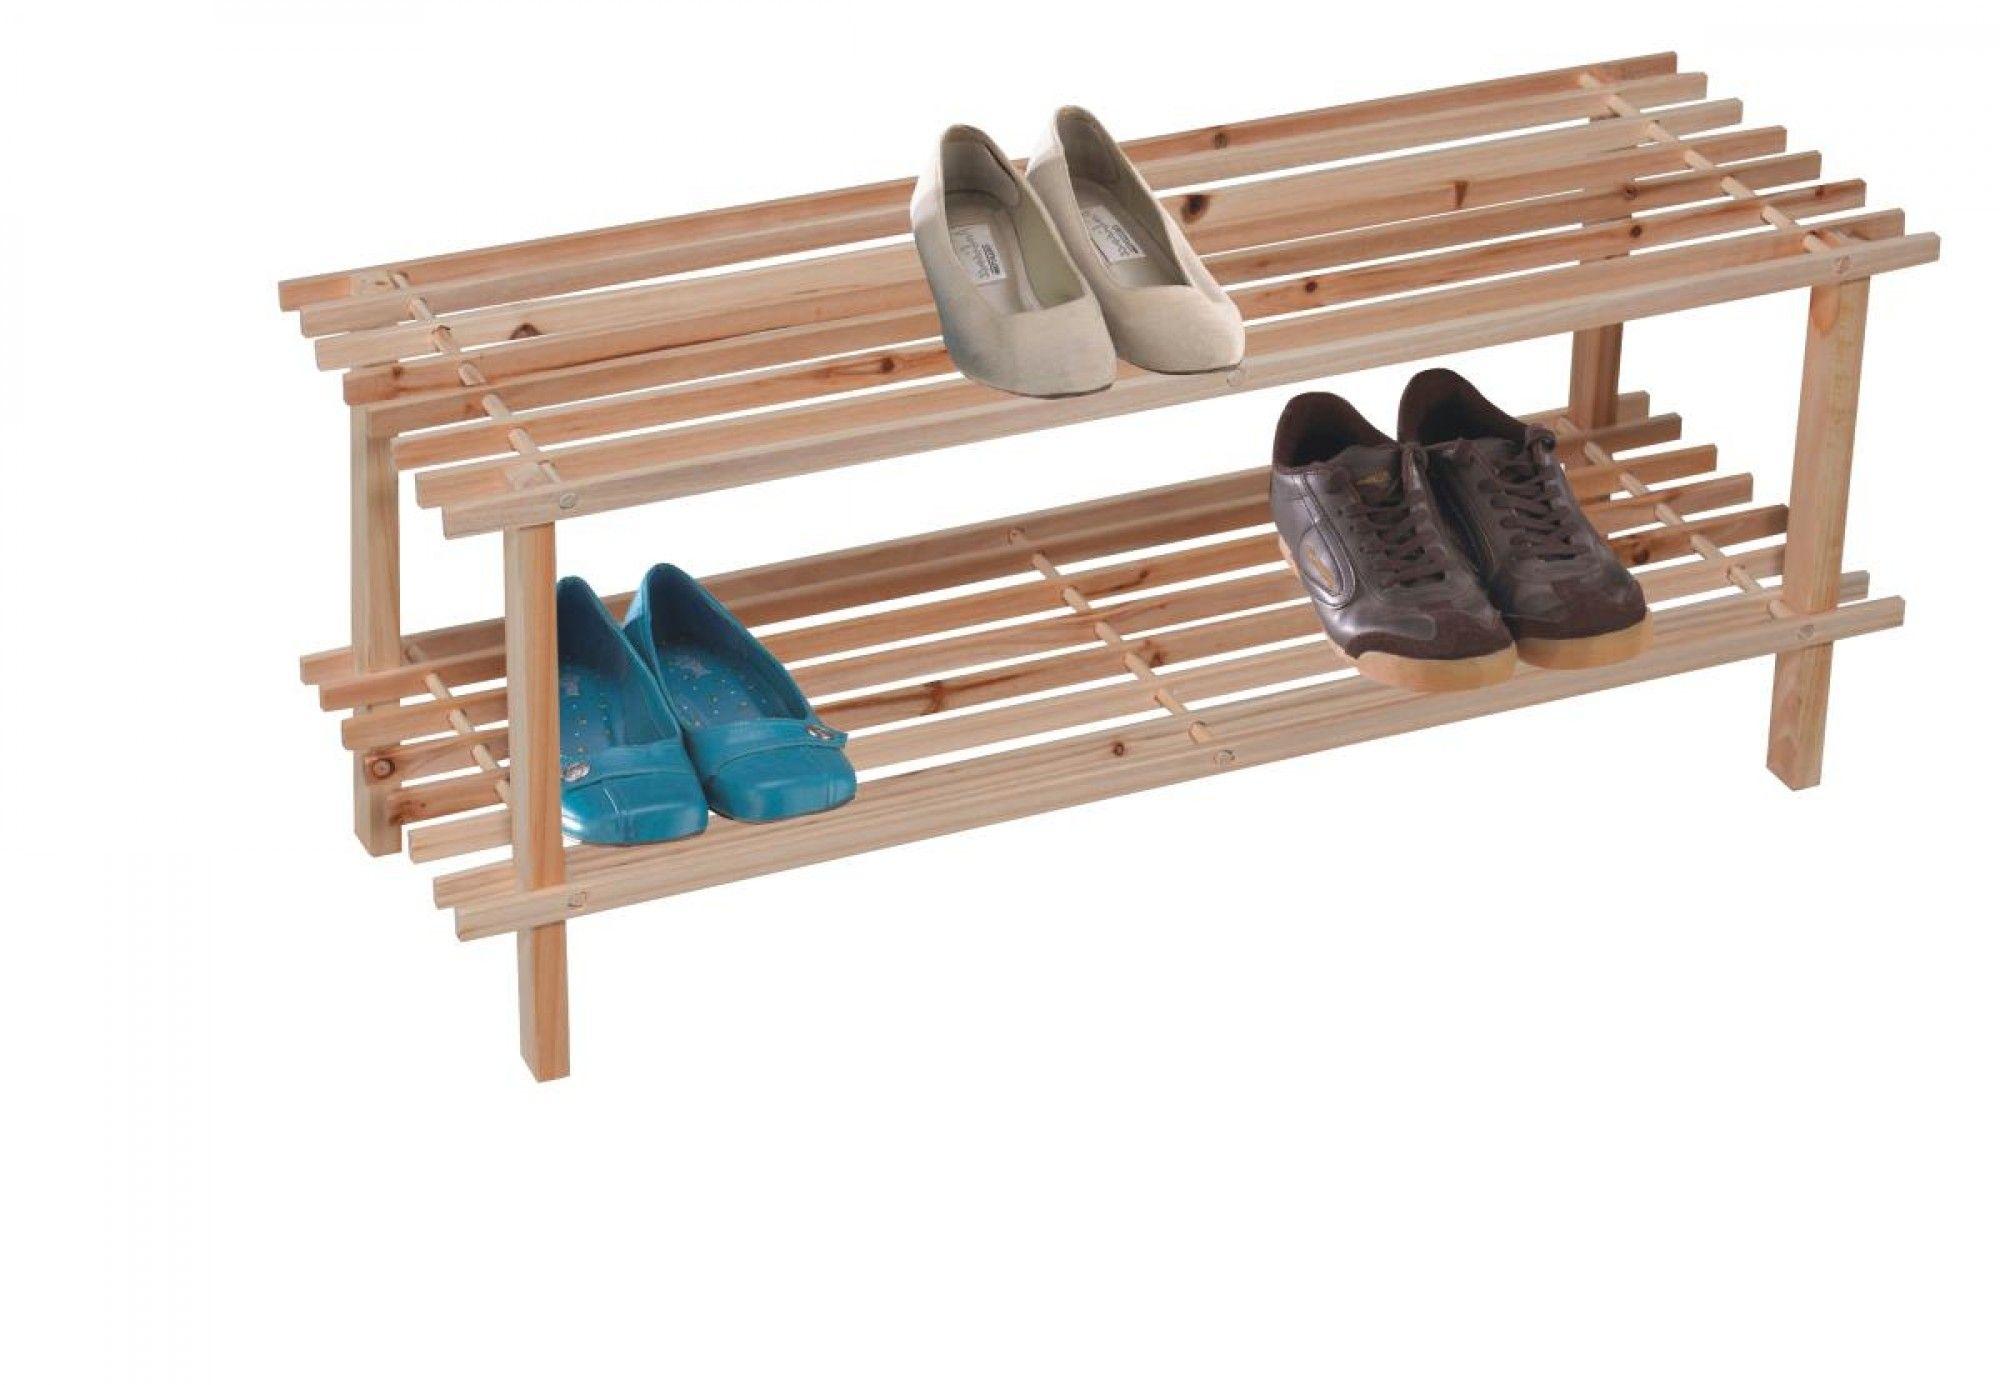 Jetzt Schuhregal Gunstig Bei Poco Kaufen Oder Reservieren Schuhregal Besonders Gunstig Alles Zum Einrichten Amp Renovieren Je Schuhregal Regal Wolle Kaufen